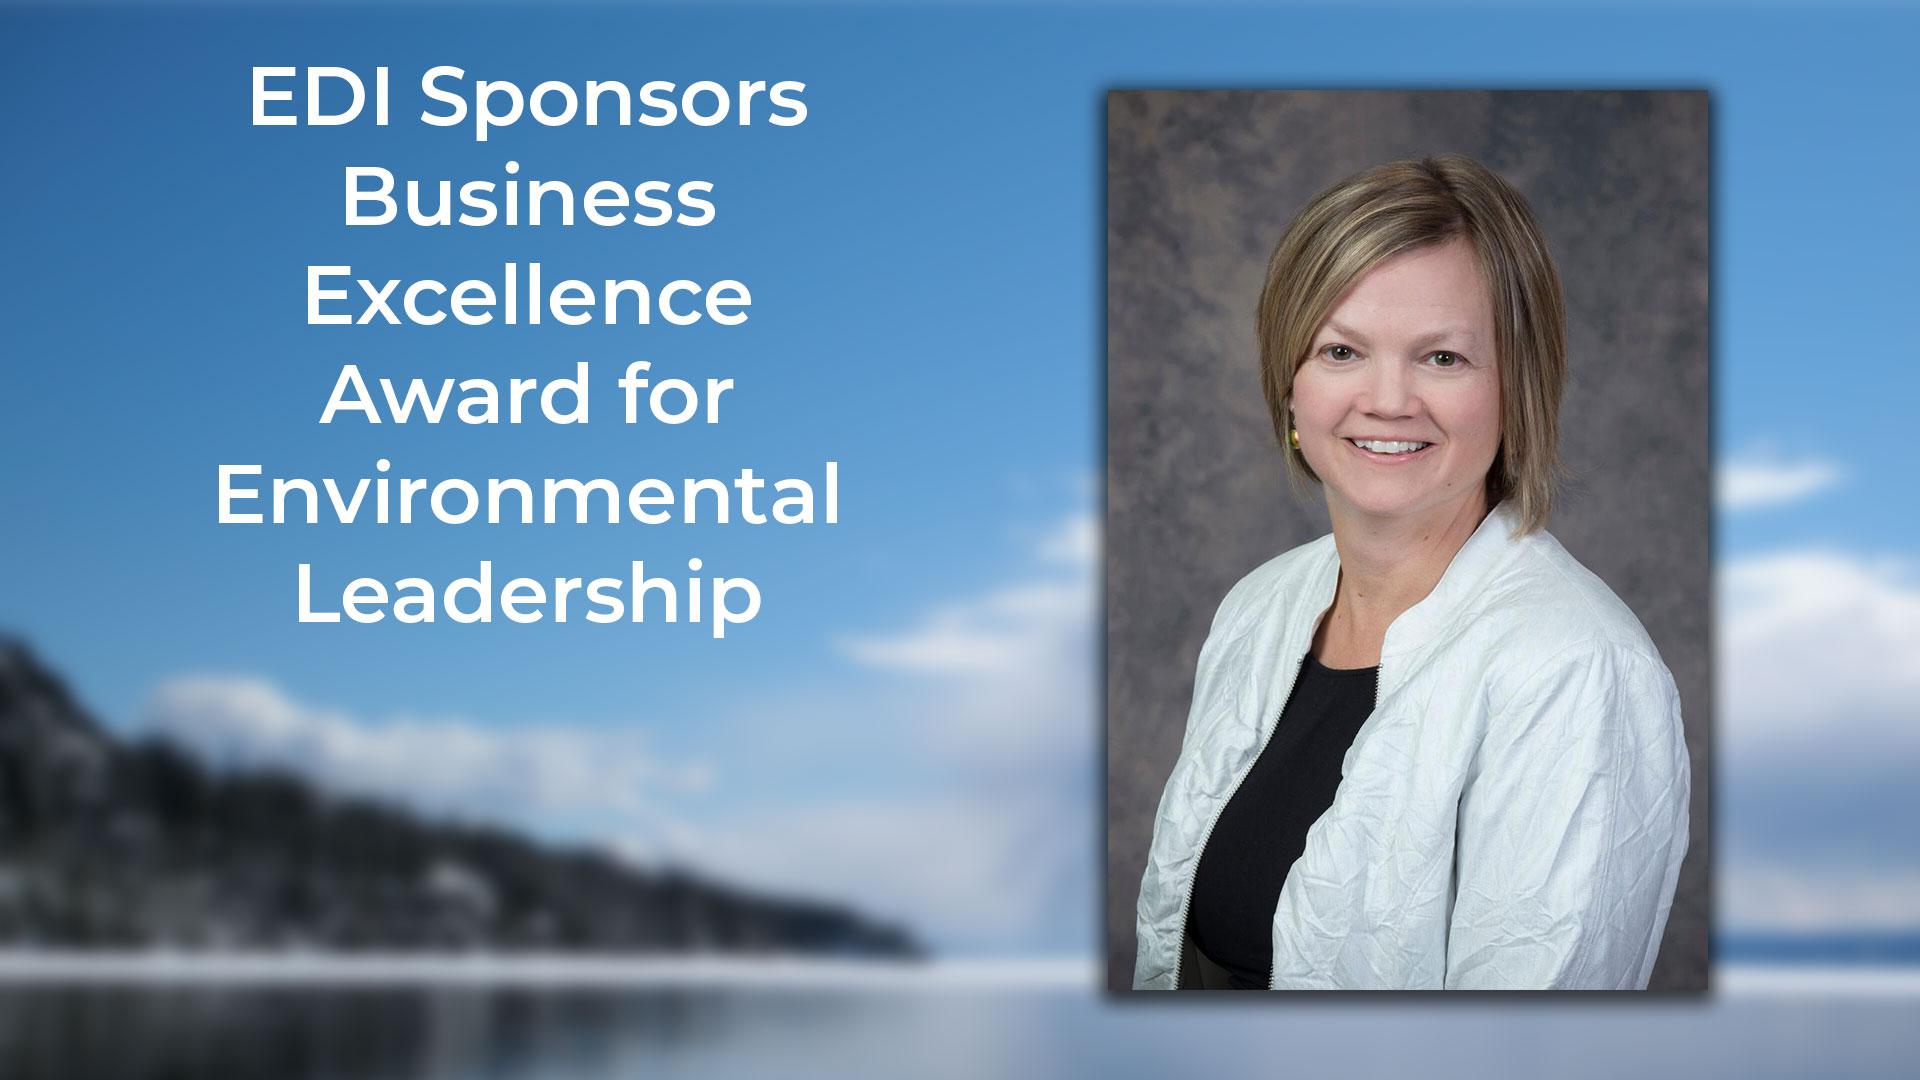 EDI Sponsors Business Excellence Award for Environmental Leadership